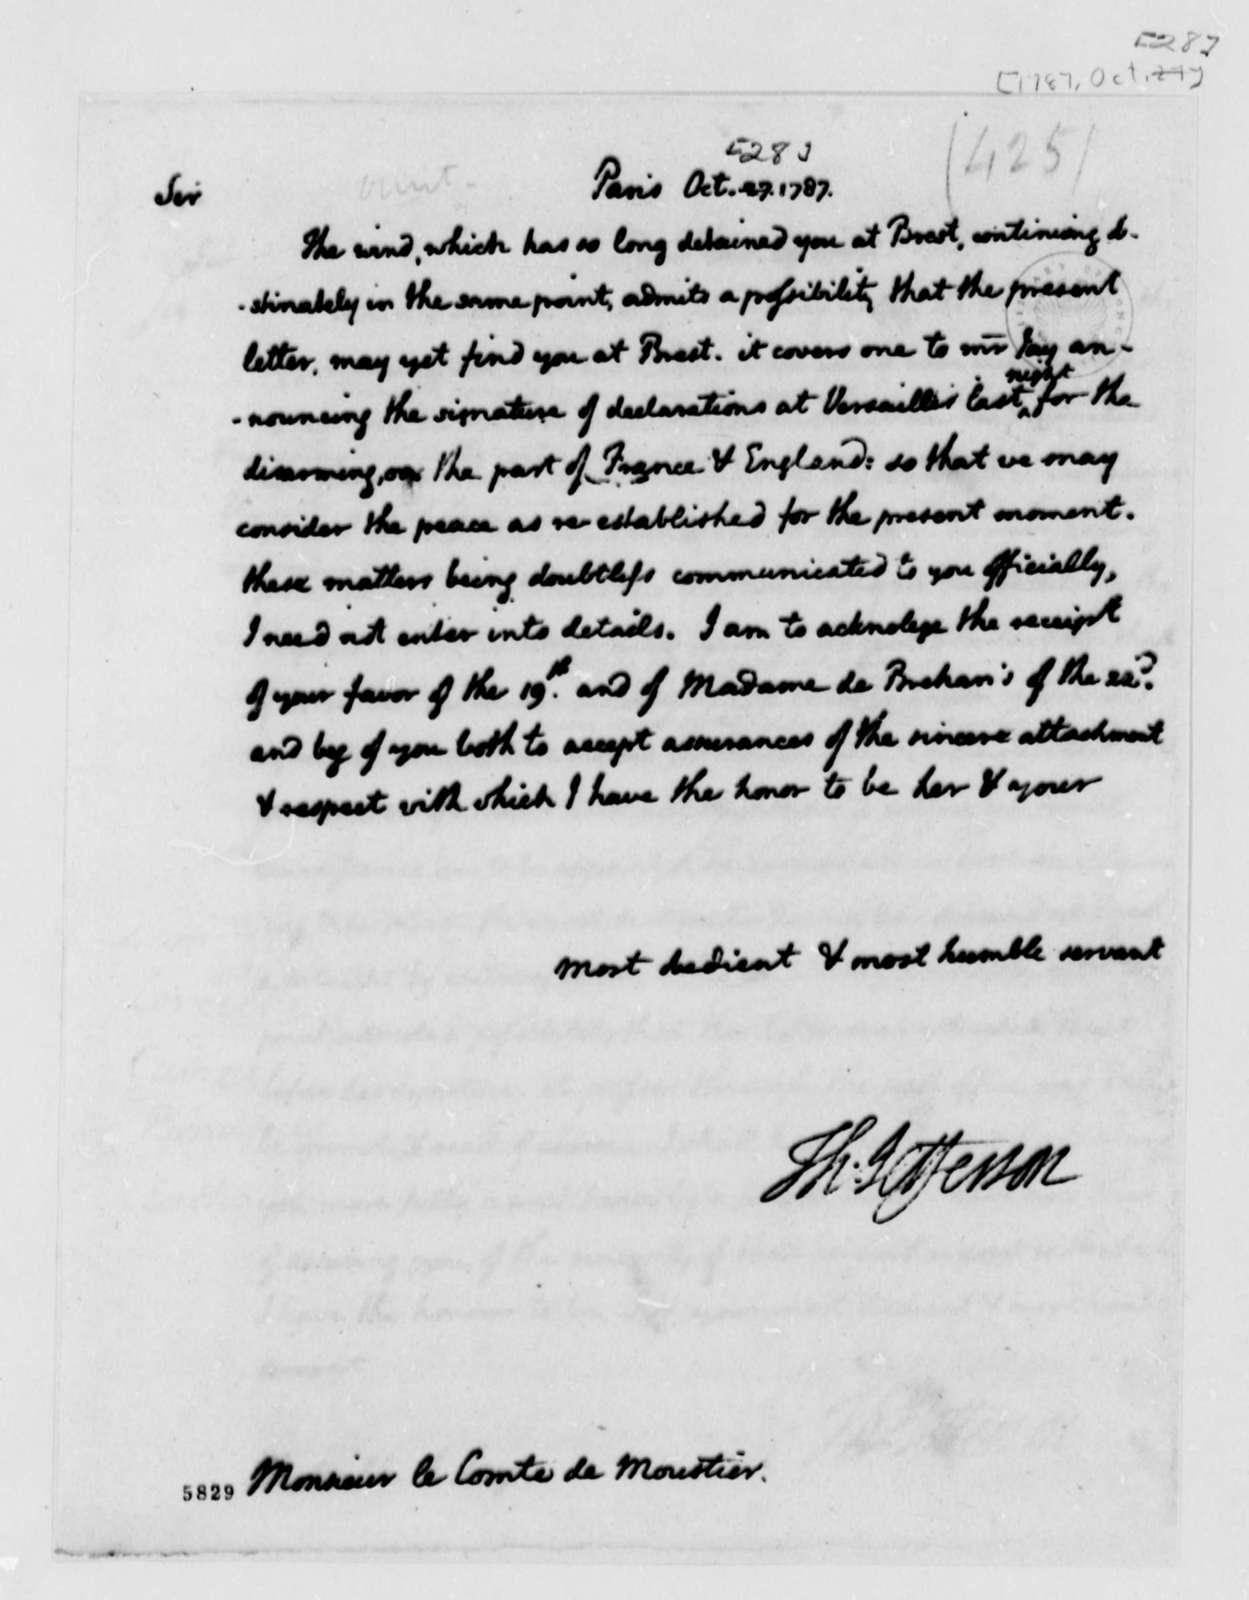 Thomas Jefferson to Eleonore Francois Elie, Comte de Moustier, October 28, 1787